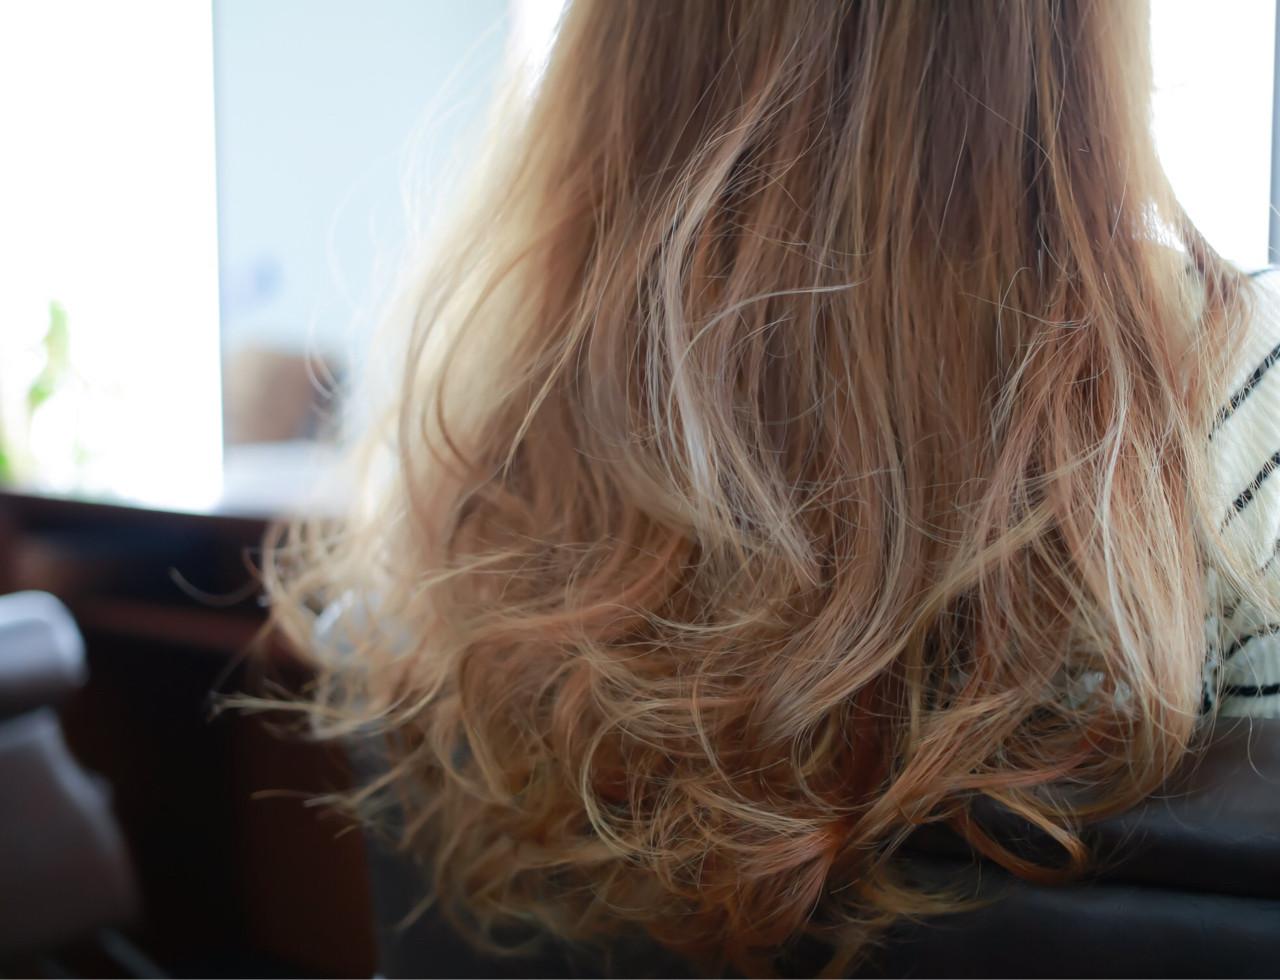 セミロング グレージュ ダブルカラー グラデーションカラー ヘアスタイルや髪型の写真・画像 | 小笠原 淳 / hair make No.8(ヘアメイクエイト)